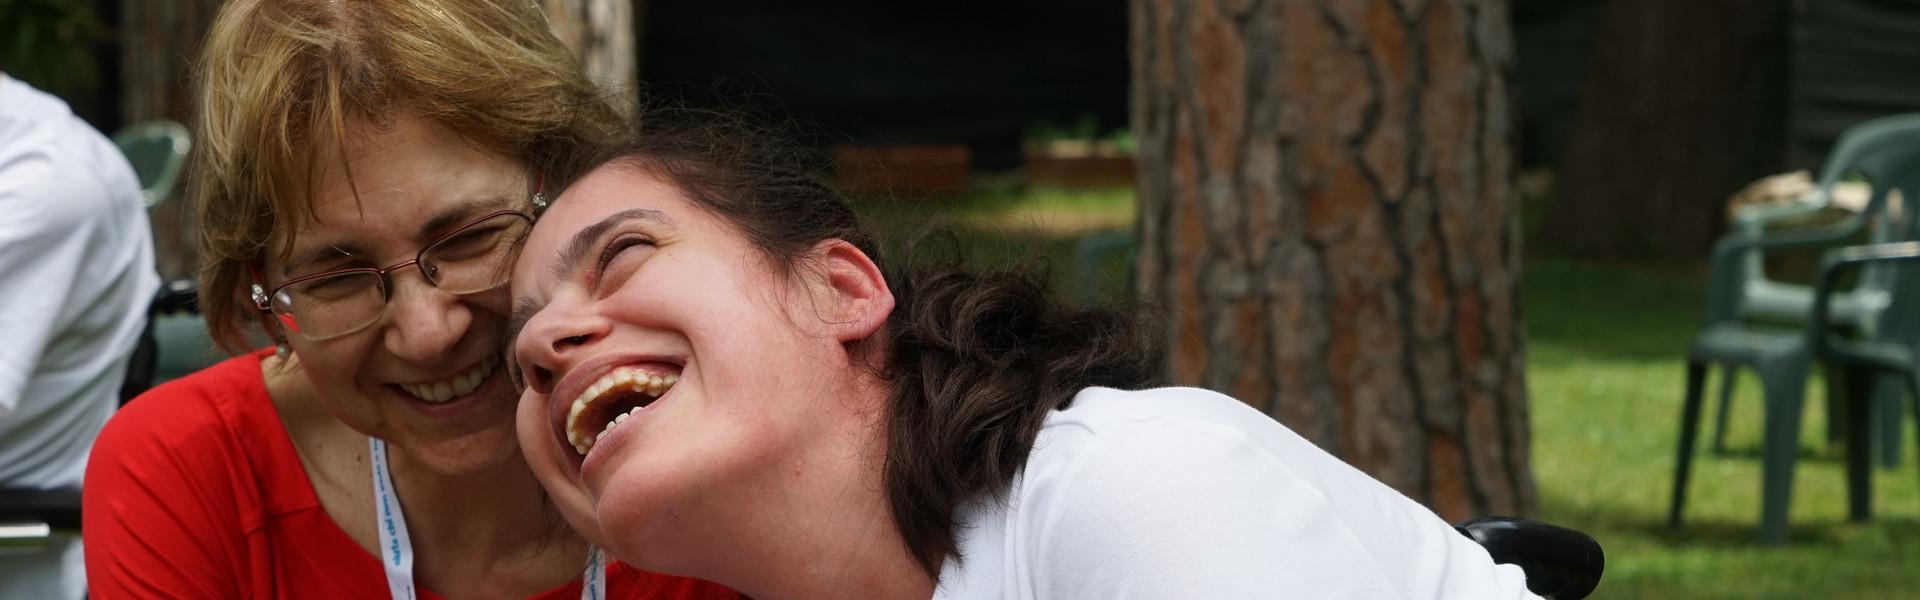 Assemblea delle Famiglie: una volontaria e una giovane utente ridono di gusto insieme guardando o ascoltando qualcosa con uno smartphone